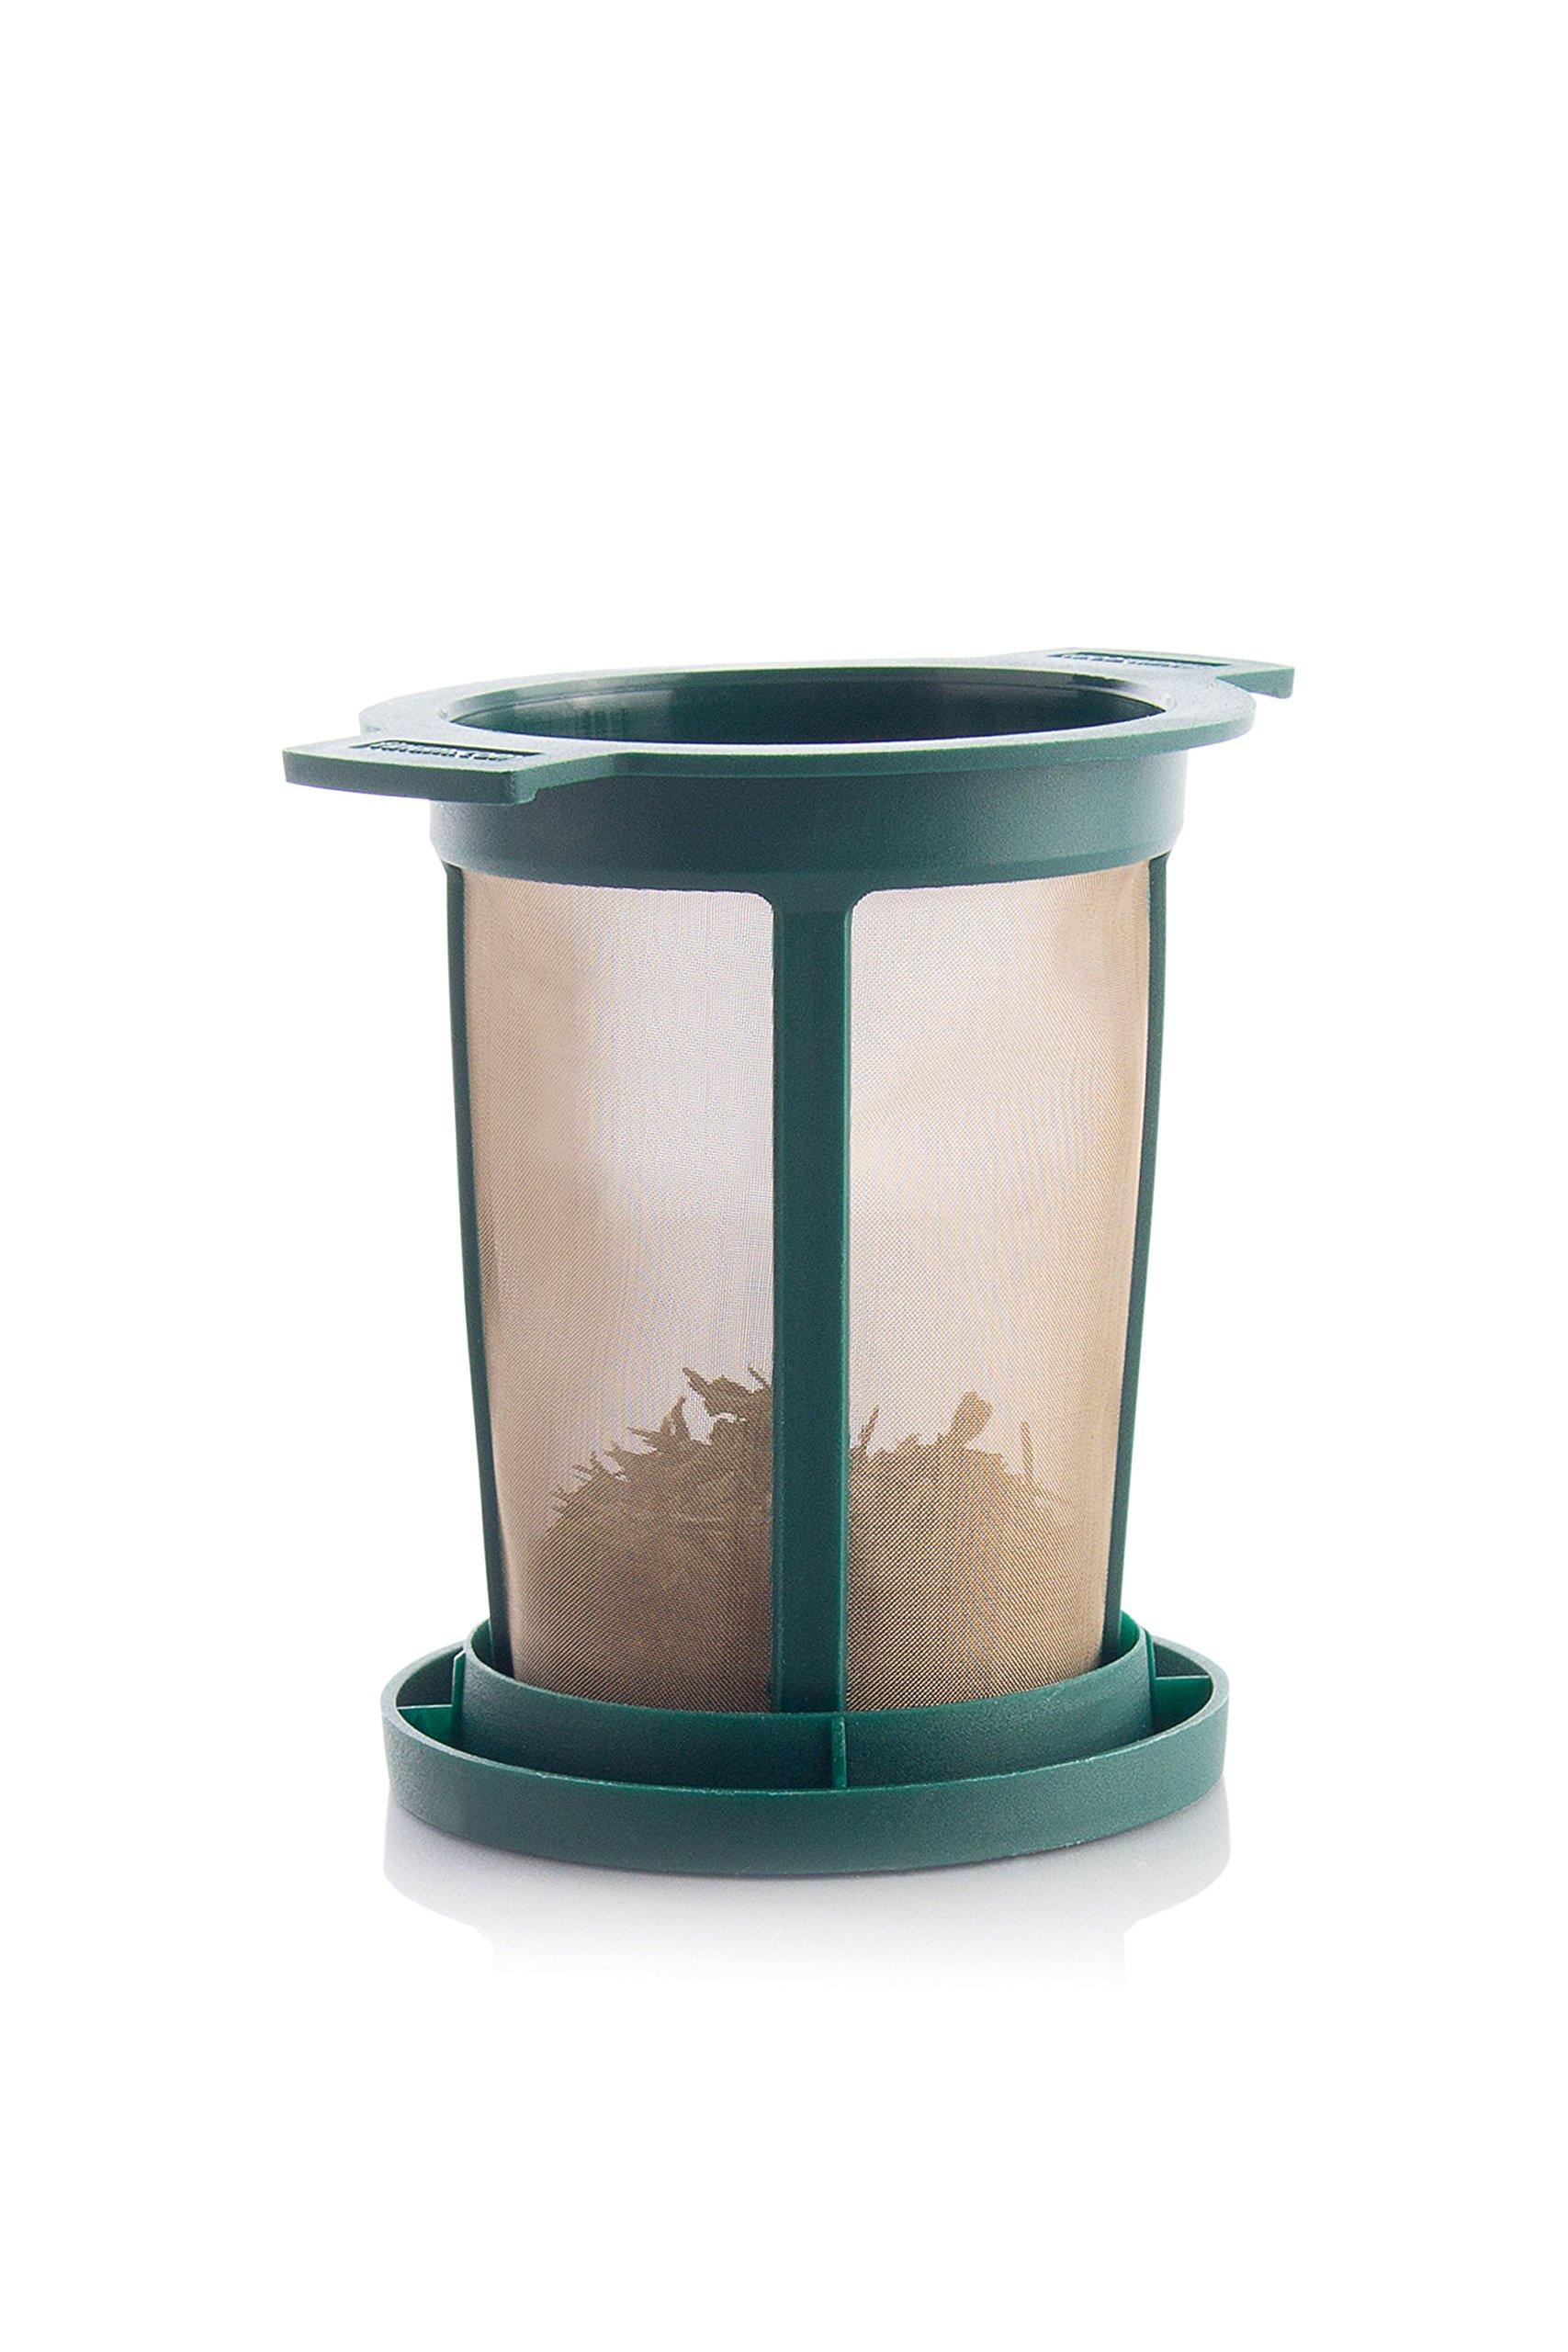 Brewing Basket L - Permanent Tea Filter, green (18 retail units per Case)